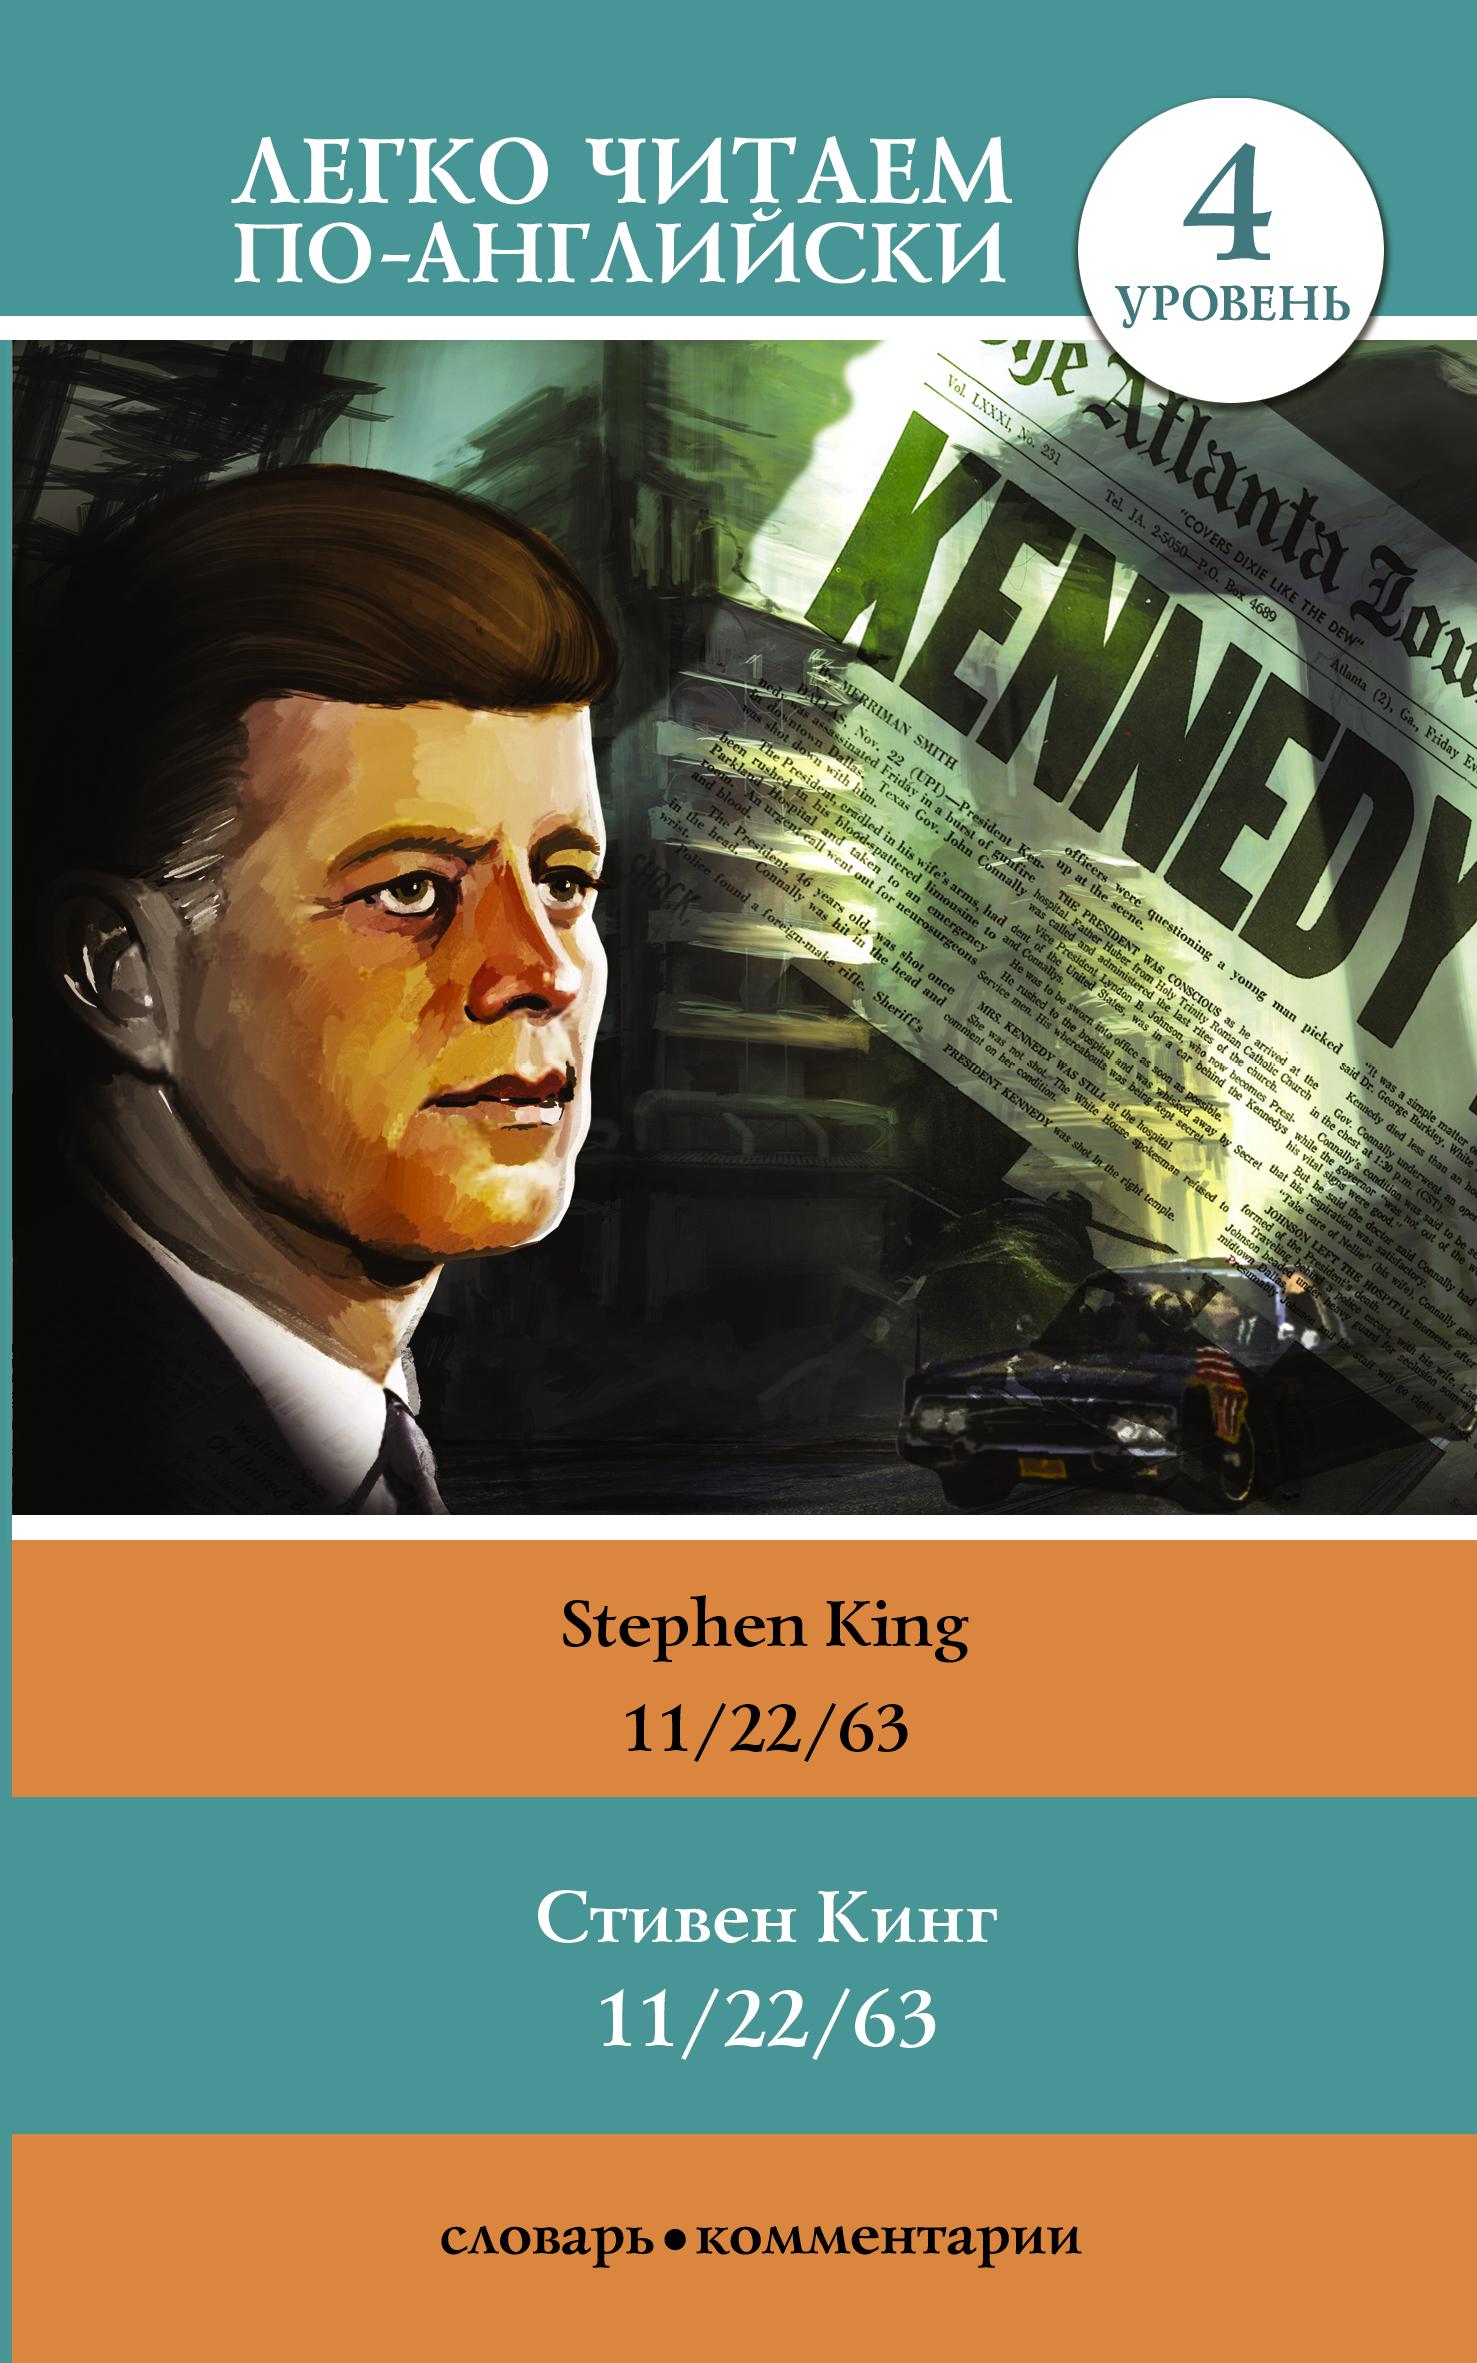 Стивен Кинг 11/22/63. Уровень 4